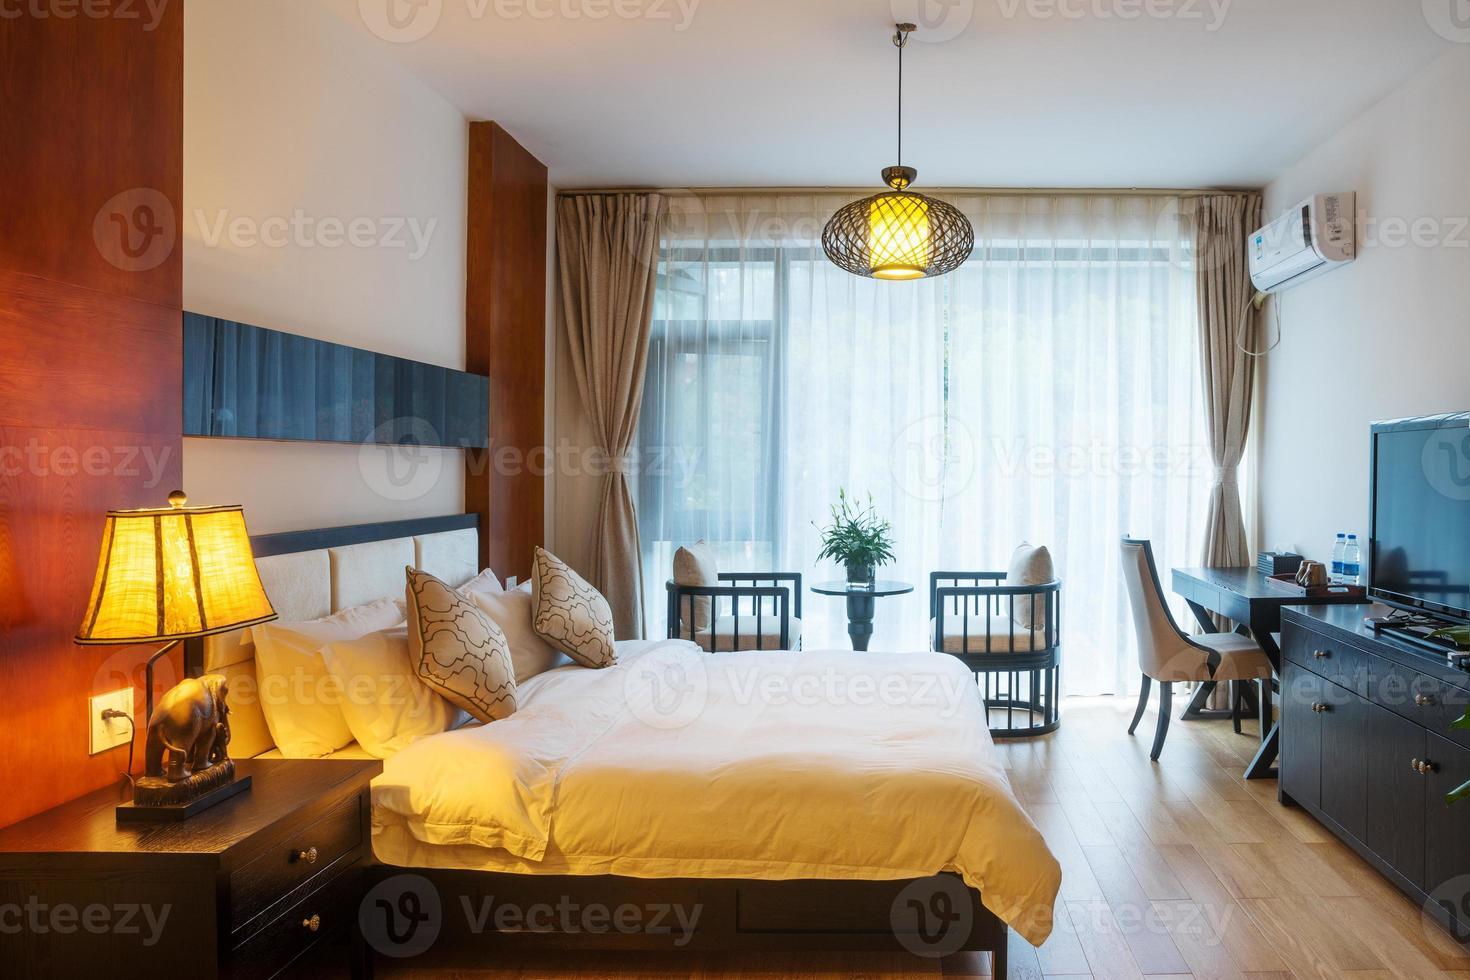 Night scene in hotel room: prepared fresh bed photo